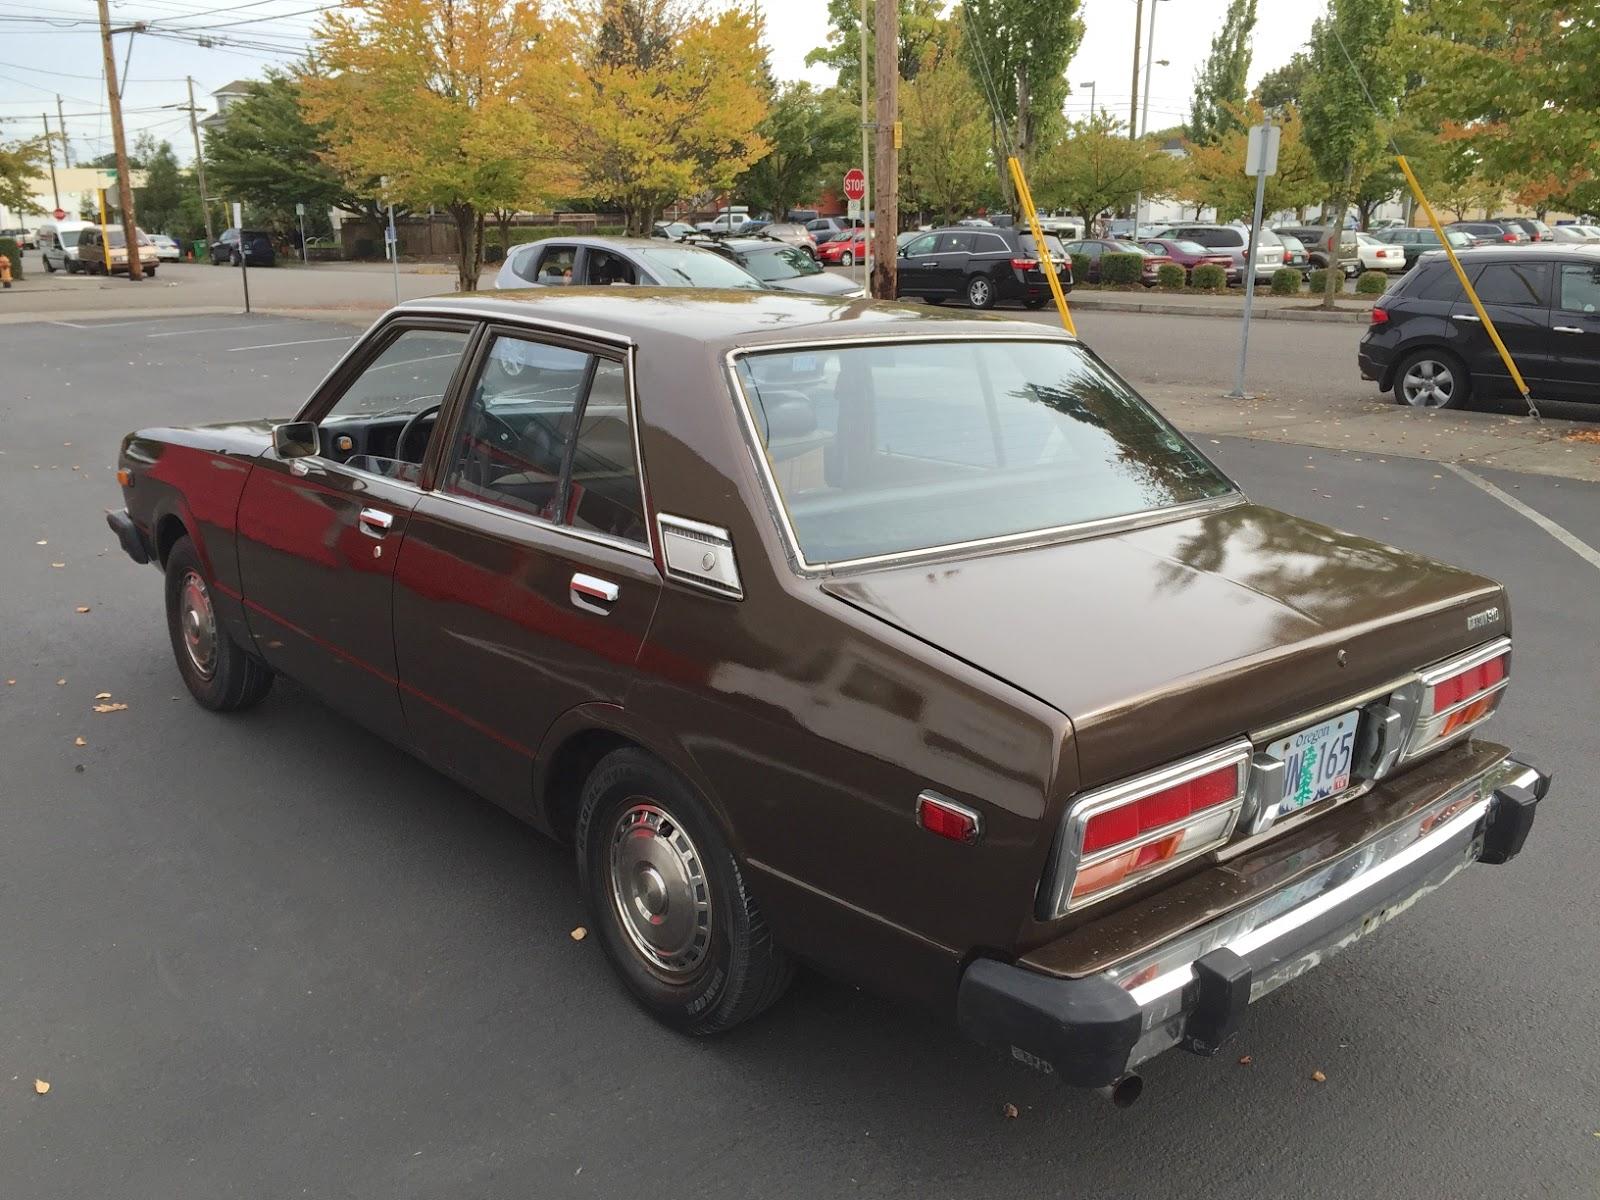 old parked cars 1978 datsun 510. Black Bedroom Furniture Sets. Home Design Ideas